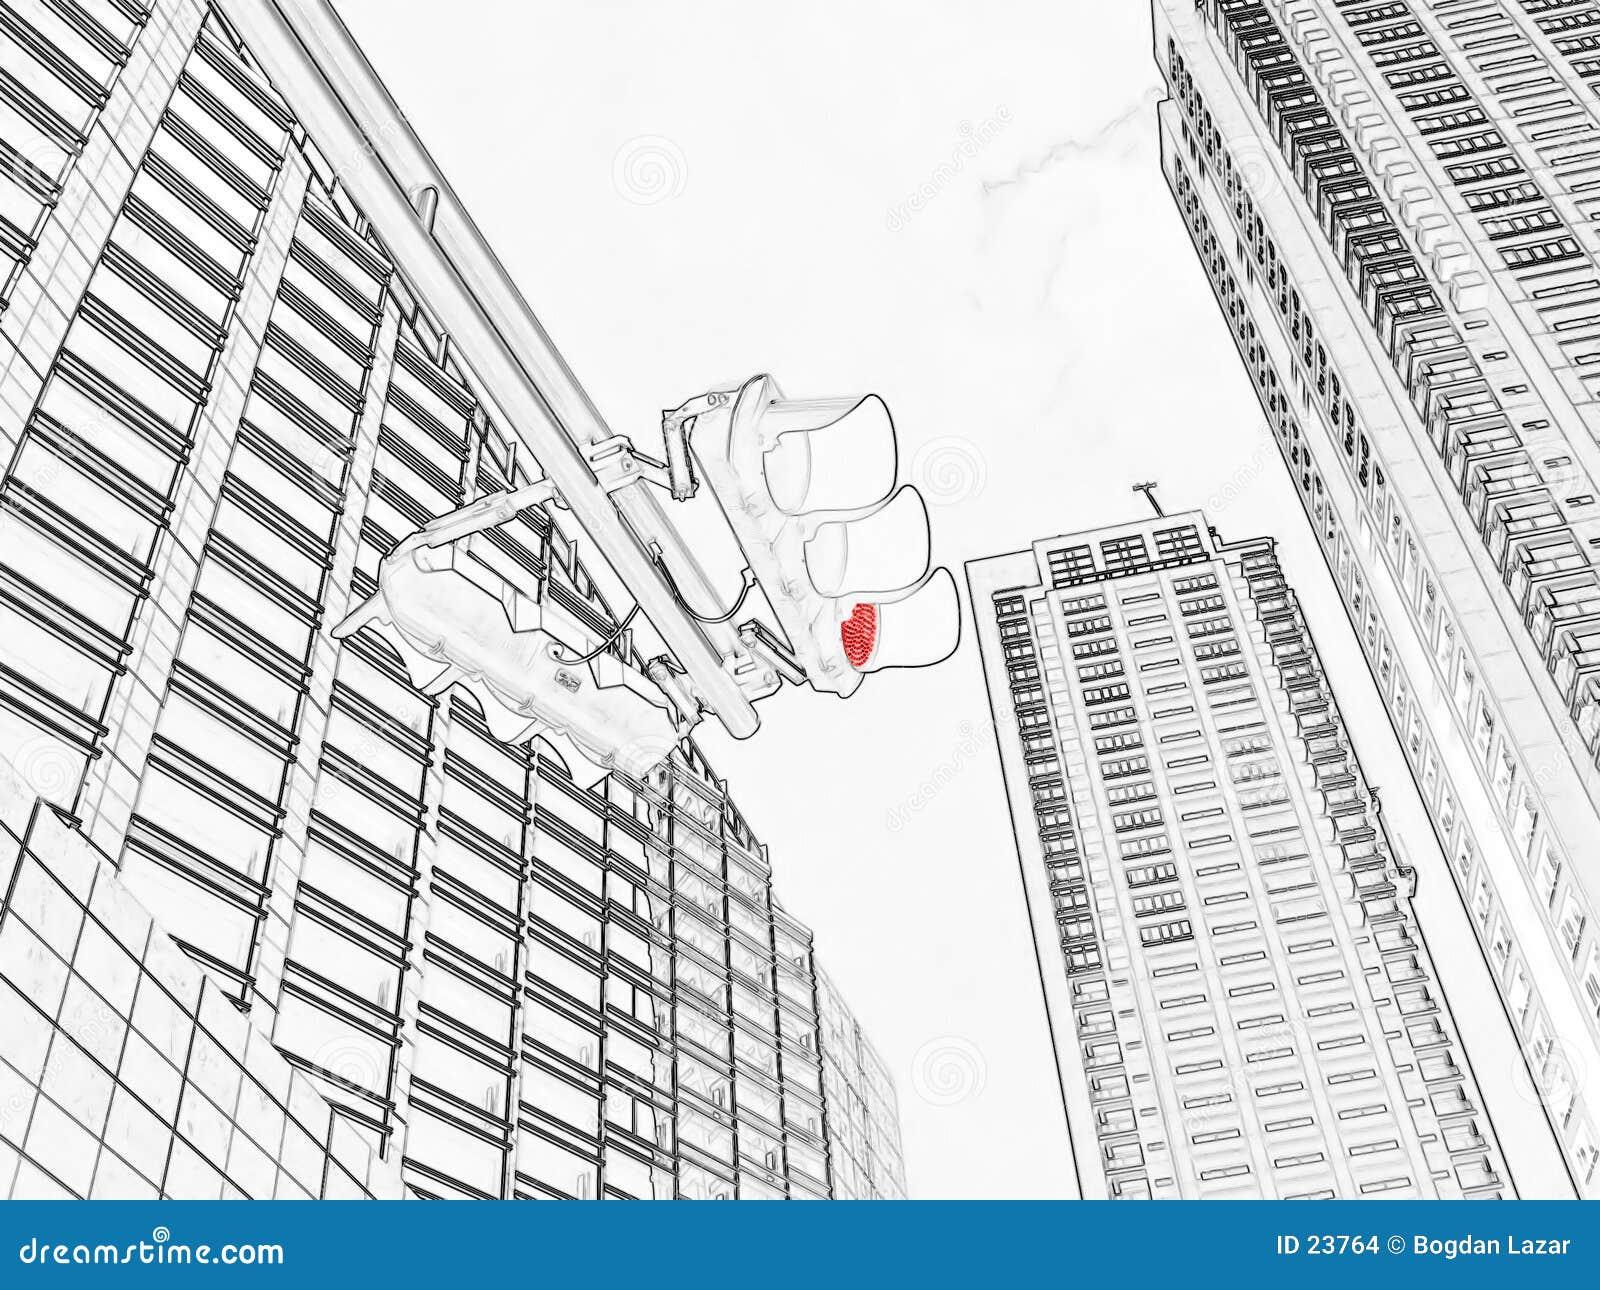 Red Traffic Light - Drawing Stock Illustration - Illustration of ...